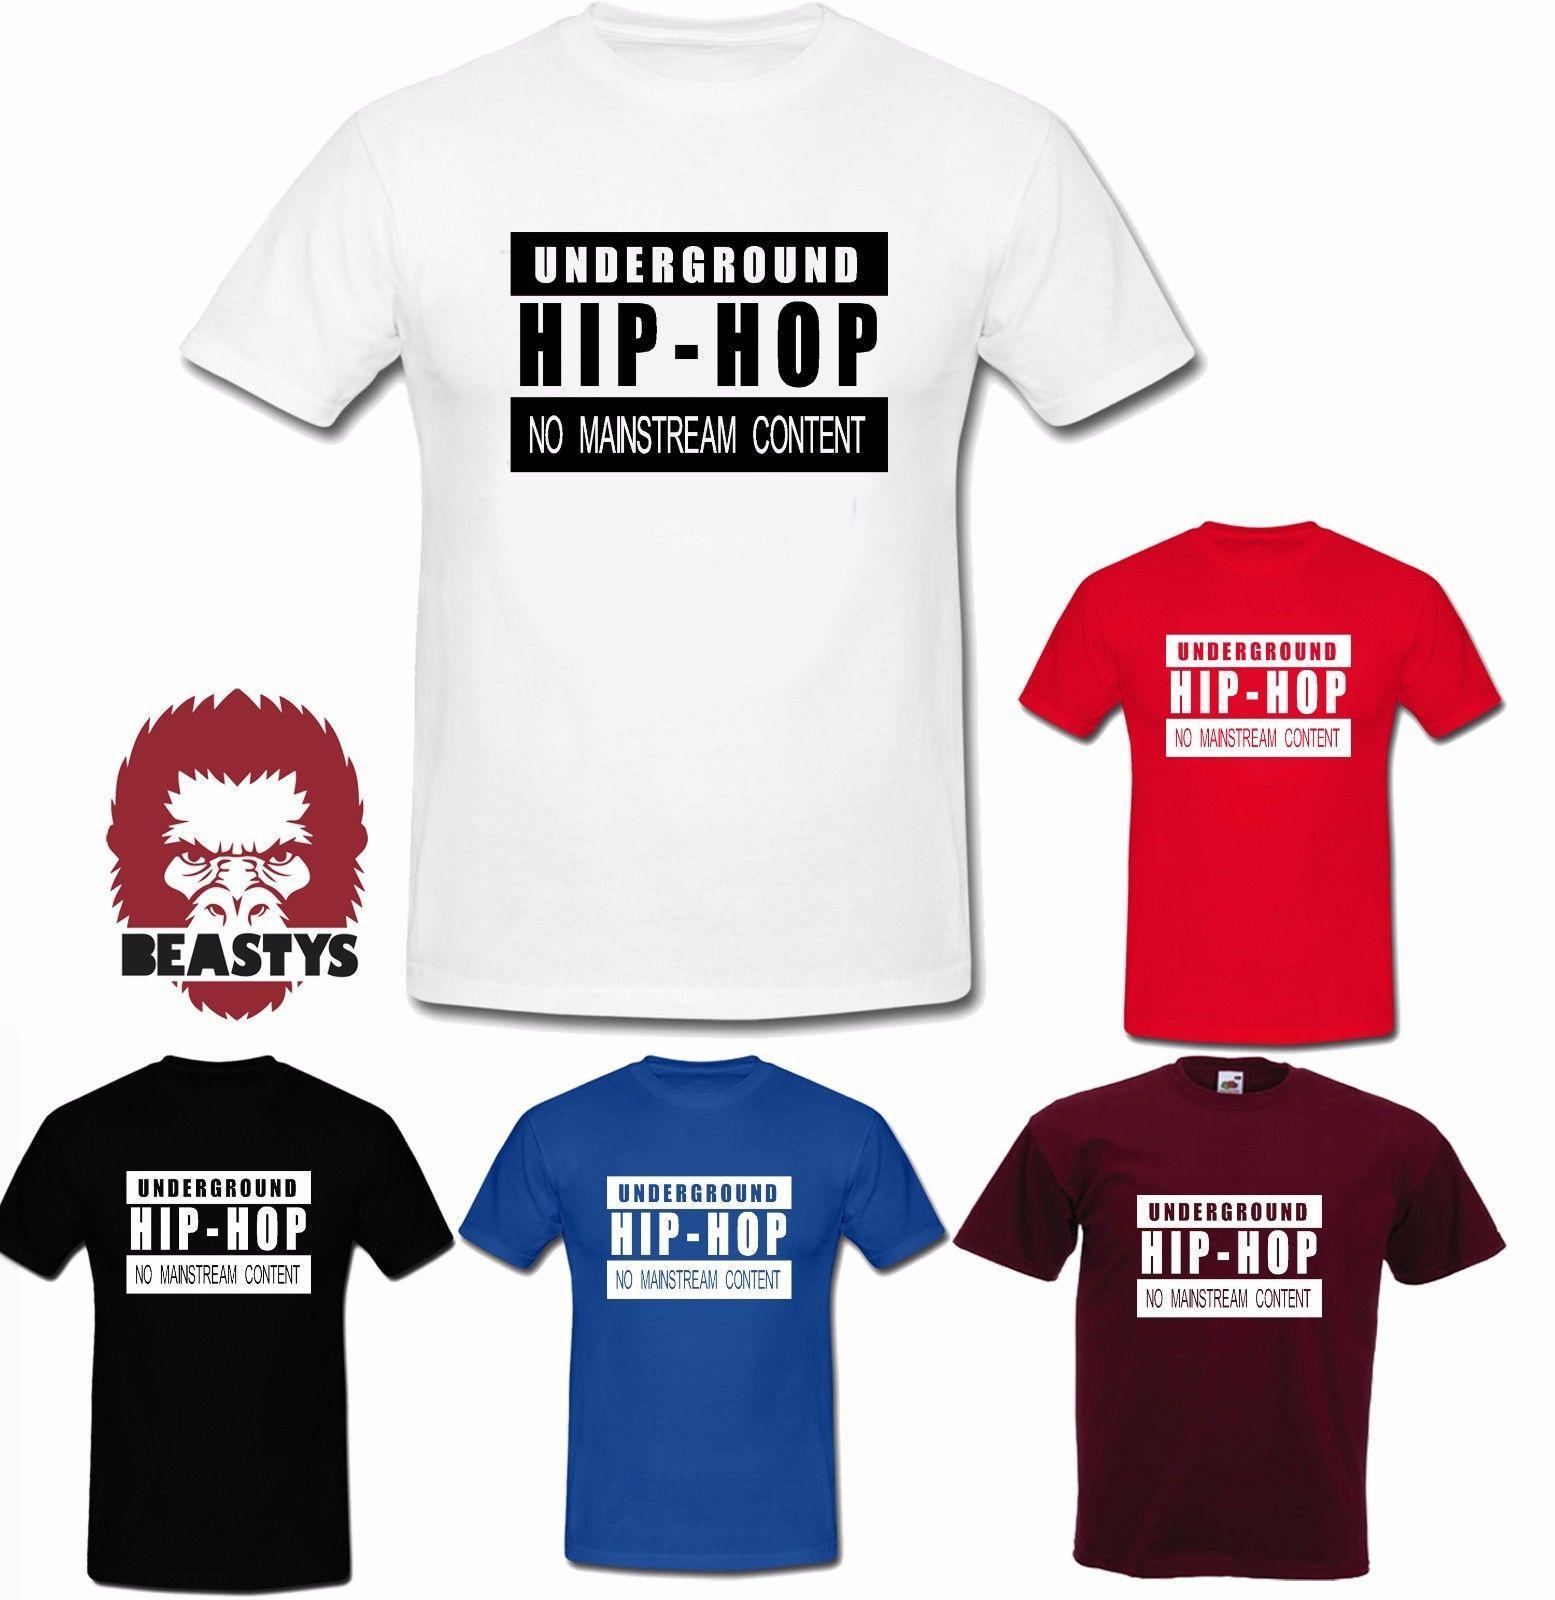 hip hop subterráneo sin ropa de la corriente principal de rap tribu búsqueda camisetas de los niños / adultos fresco de orgullo casual hombres de la camiseta unisex de la nueva manera